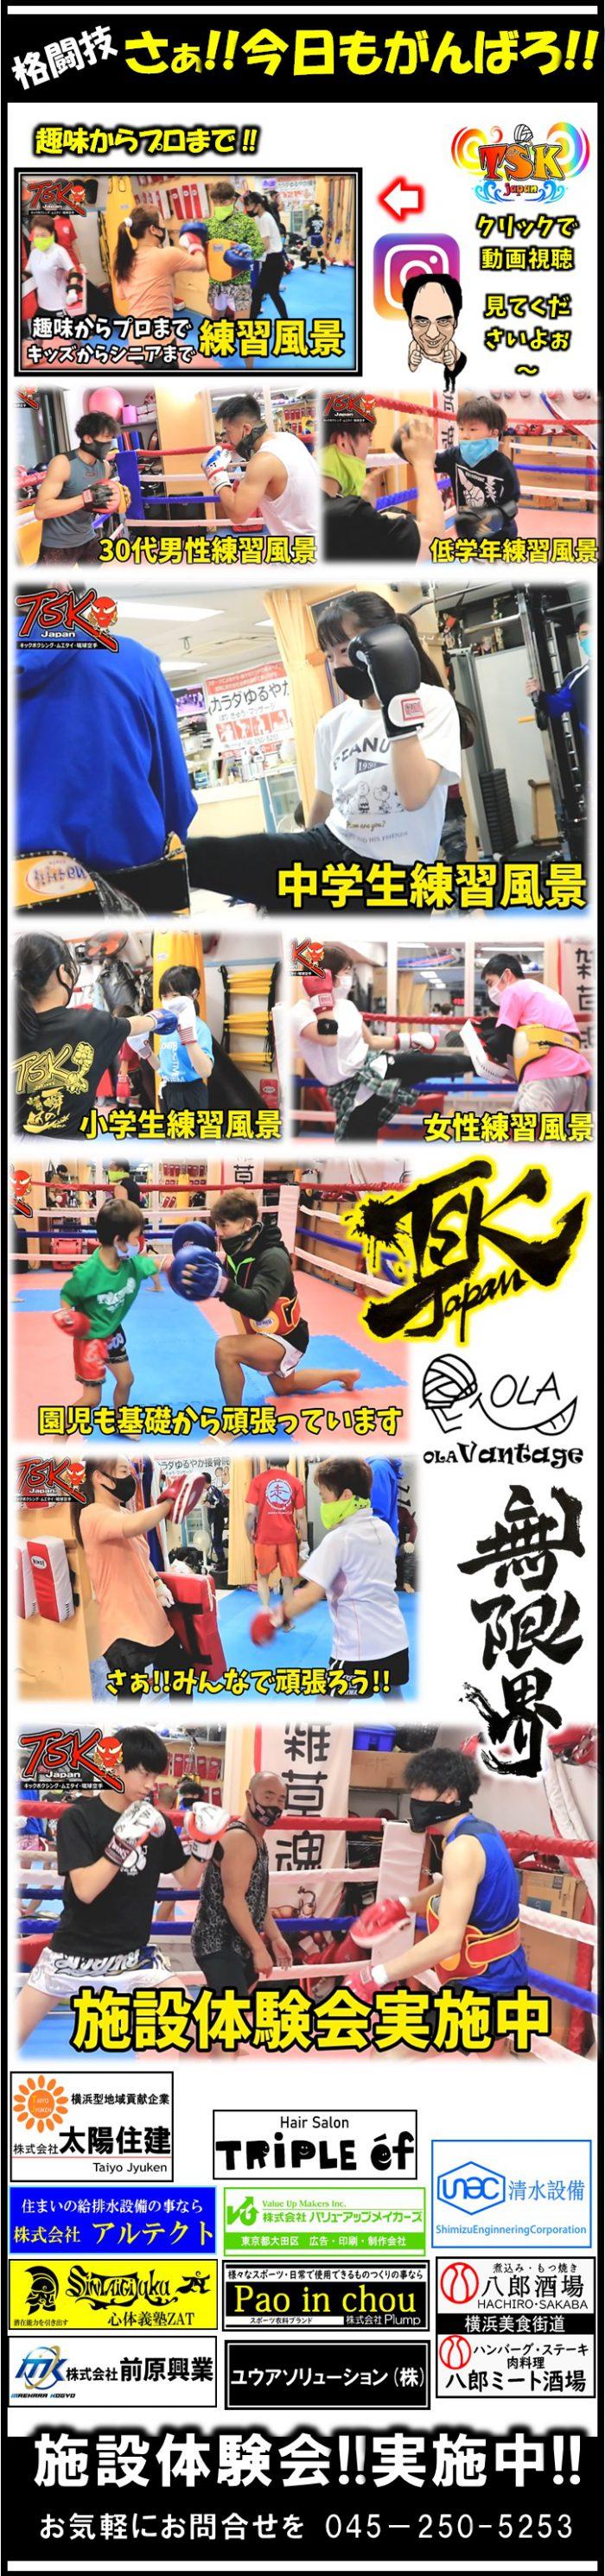 T-japan group  『笑顔あふれるジムを目指します』の  横浜で格闘技!! 横浜キックボクシングジム TSKjapan のパン吉です。  2021年1月1日(金) 【今日の名言】  byとある人の名言  ↑詳細ページ閲覧できます  スポーツ専門サイト  『SPOSHIRU(スポシル)』さんがTSKJapanを掲載して下さいました。 ヾ(≧▽≦)ノ  是非皆様、目を通していただけましたら幸いです。スポシルさん ありがとうございます!!   TSKJapanパーソナルトレーニングスタート!!  キックボクシングパーソナル、希望をお伺いしてからのパーソナル  蹴りなし、ボクシングパーソナルでも構いません。  お客様と一緒にぱクオリティーも成長していける  これからのパーソナルトレーニングの形態を見つけていきたいと思っています。  どんなことでもまずはご相談ください。(^-^)   ↑お問合せホーム ジムお問合せ番号 045-250-5253  もやっております。よろしければ、 お友達登録 チャンネル登録して頂けたら幸いです。 (^-^)<(_ _)> よろしくお願いいたします。  3月中にご入会の方も適用させて頂きます。    選手達にはそこそこ厳しく、趣味、ダイエットの方達には優しい\(^o^)/以上  横浜で格闘技!! 横浜キックボクシング TSKjapanのパン吉でした